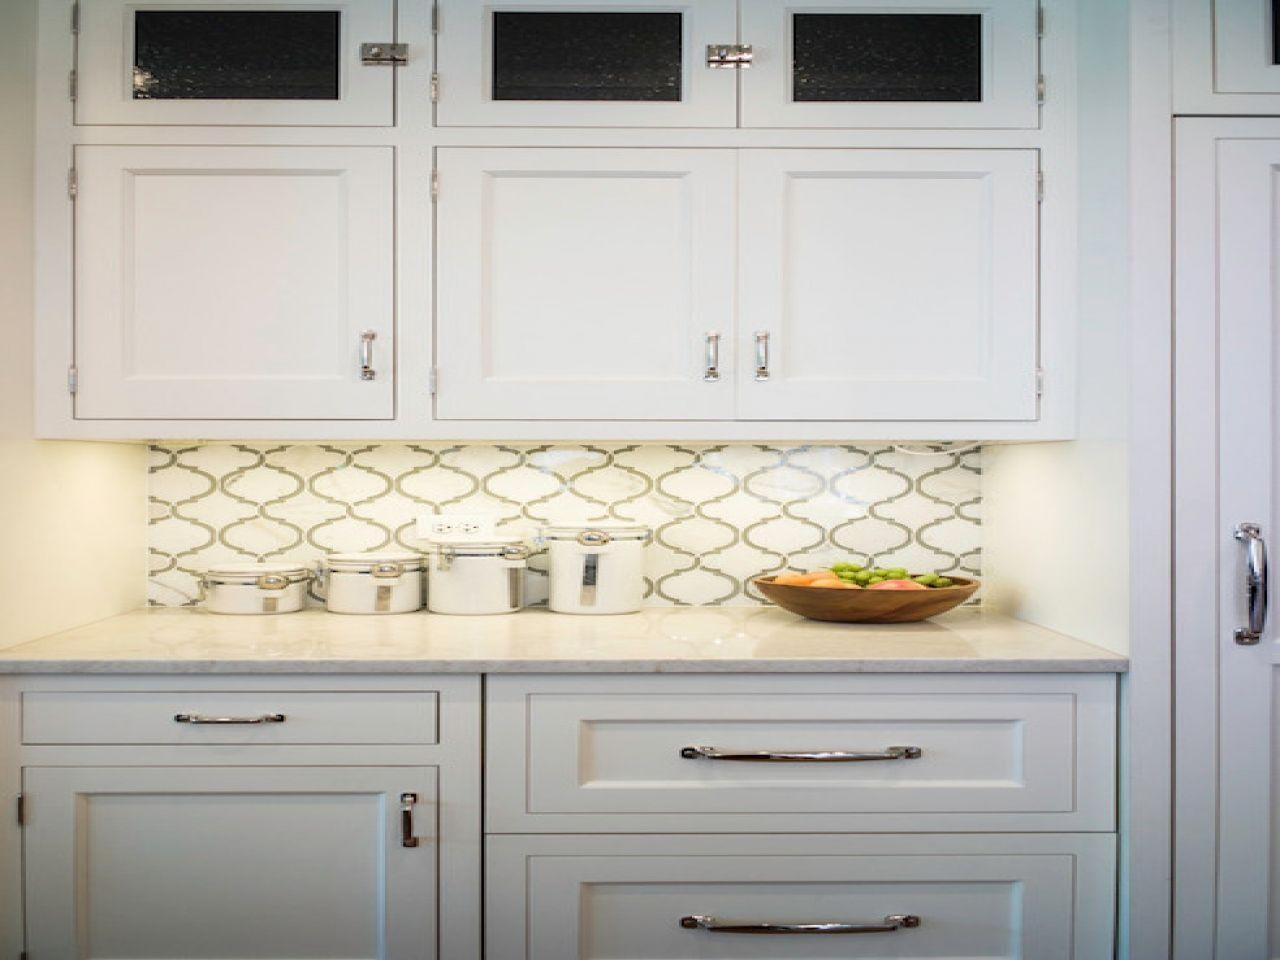 Fliesen Backsplash White Cabinets Marokkanische Fliesen Küche Backsplash  Stäube Können Scratch Holz